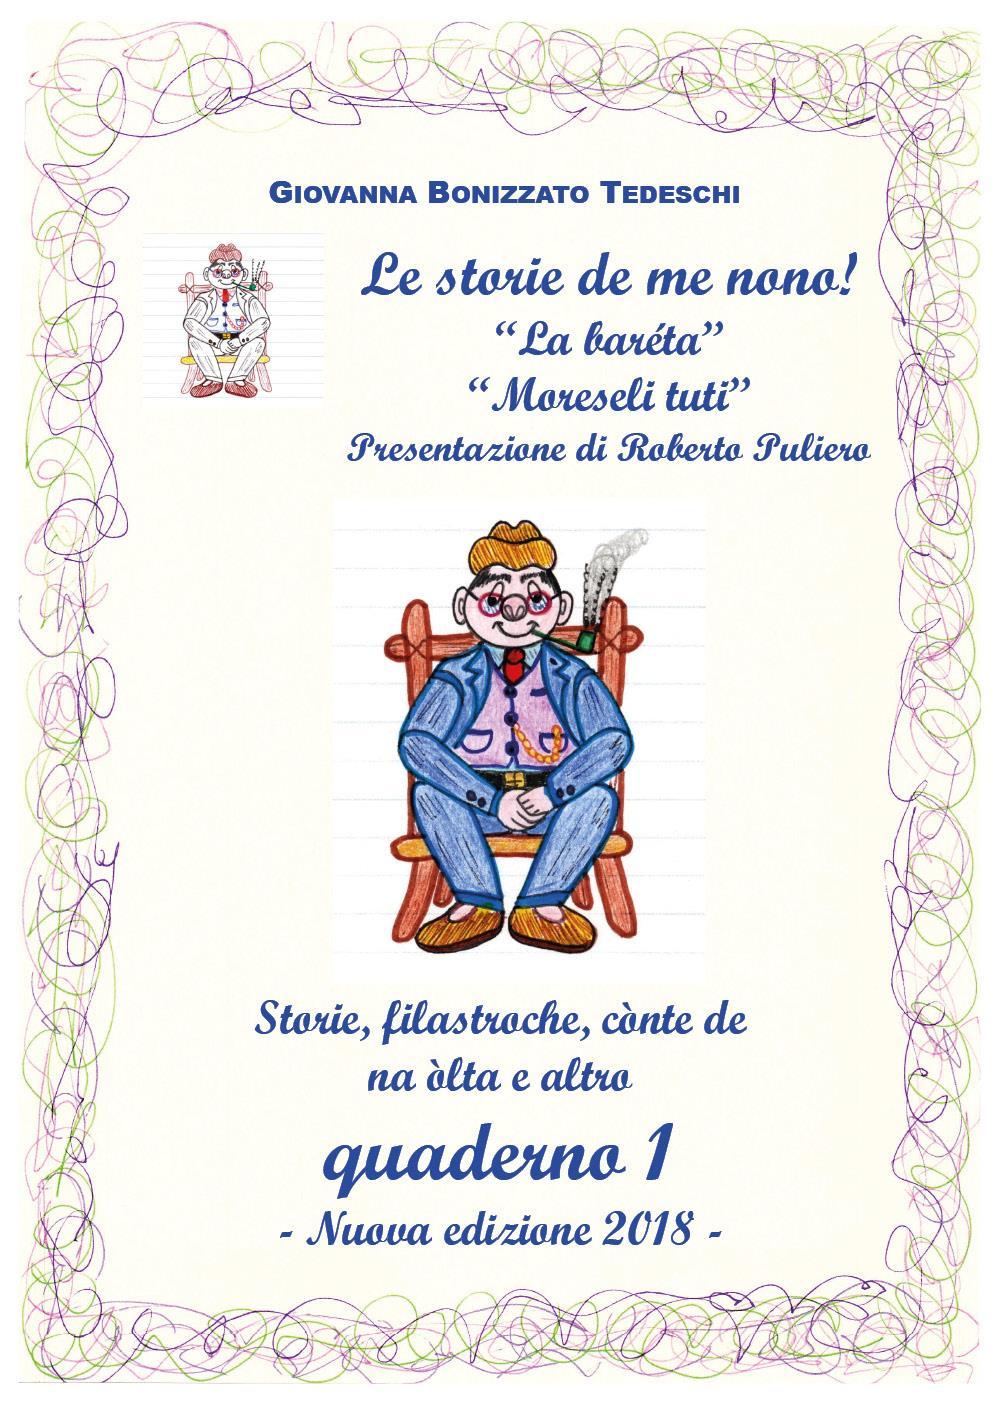 Le storie de me nono - Quaderno 1 - Nuova edizione 2018